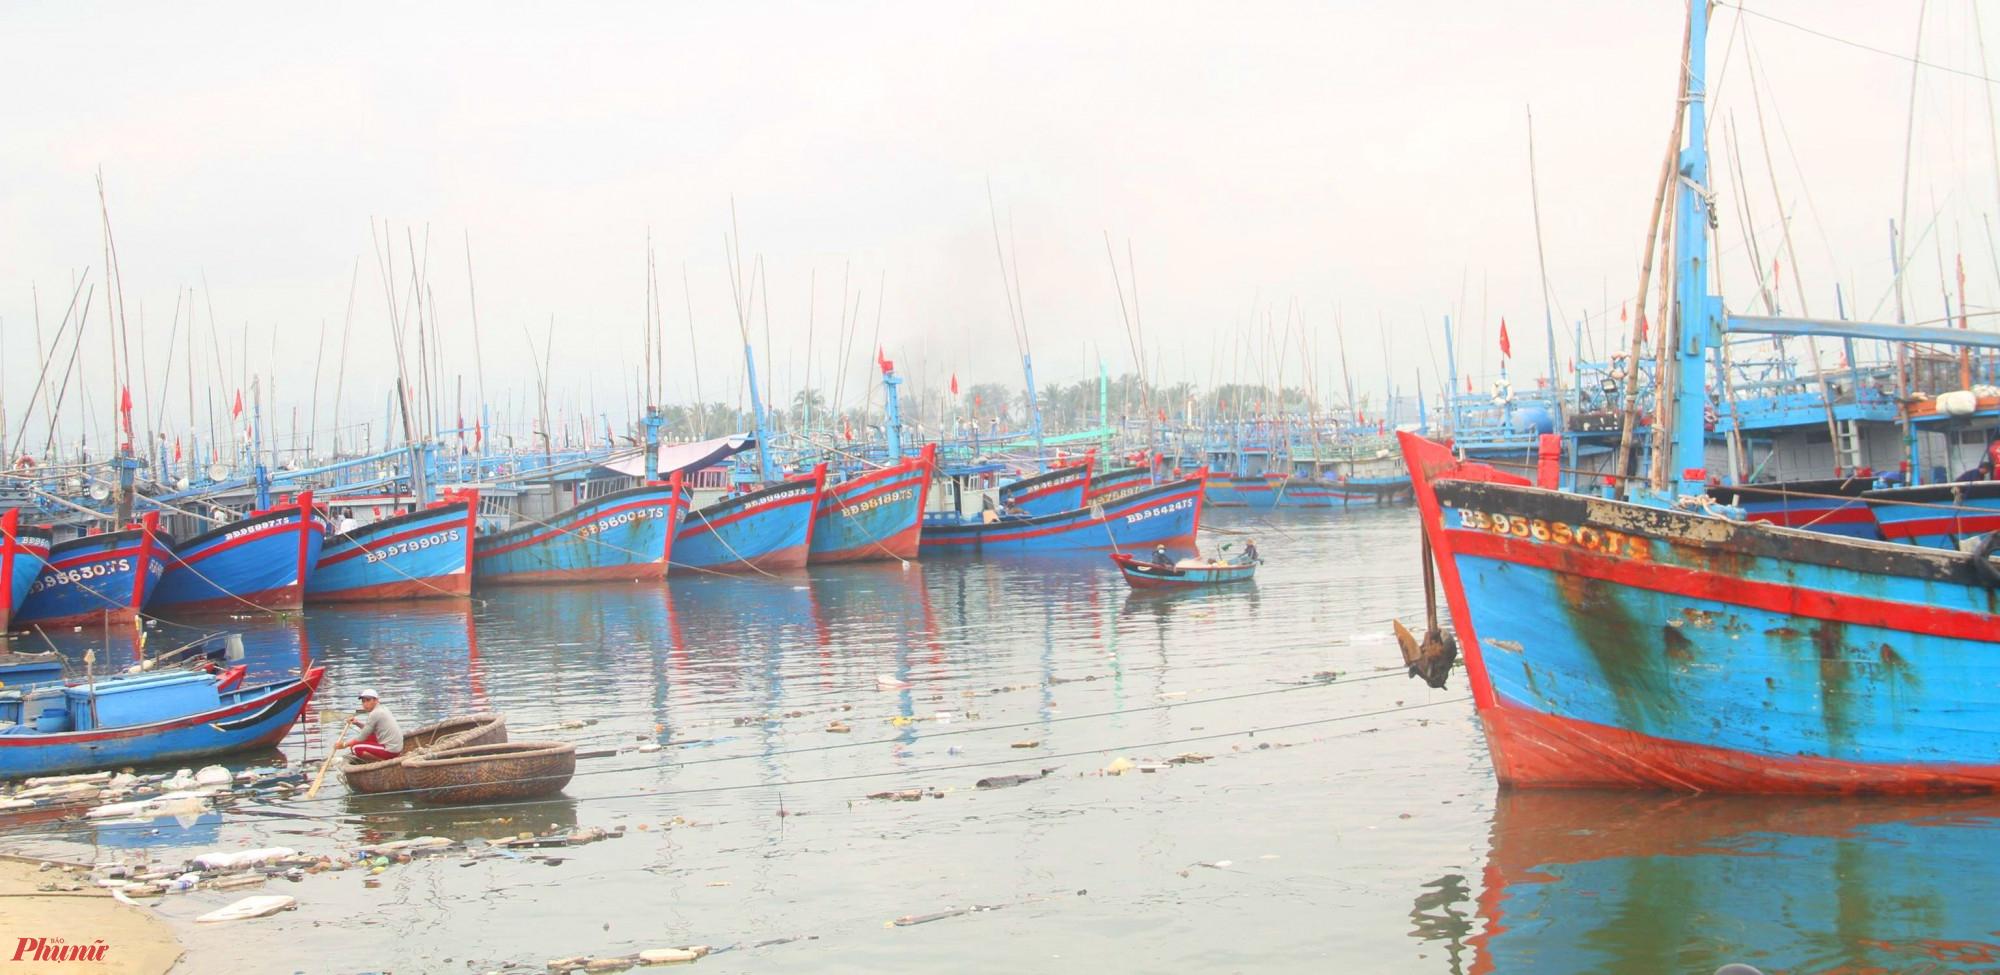 Hiện tại tỉnh Bình Đình đang thông tin cho  cho 468 tàu cá vào bờ tránh bão số 6